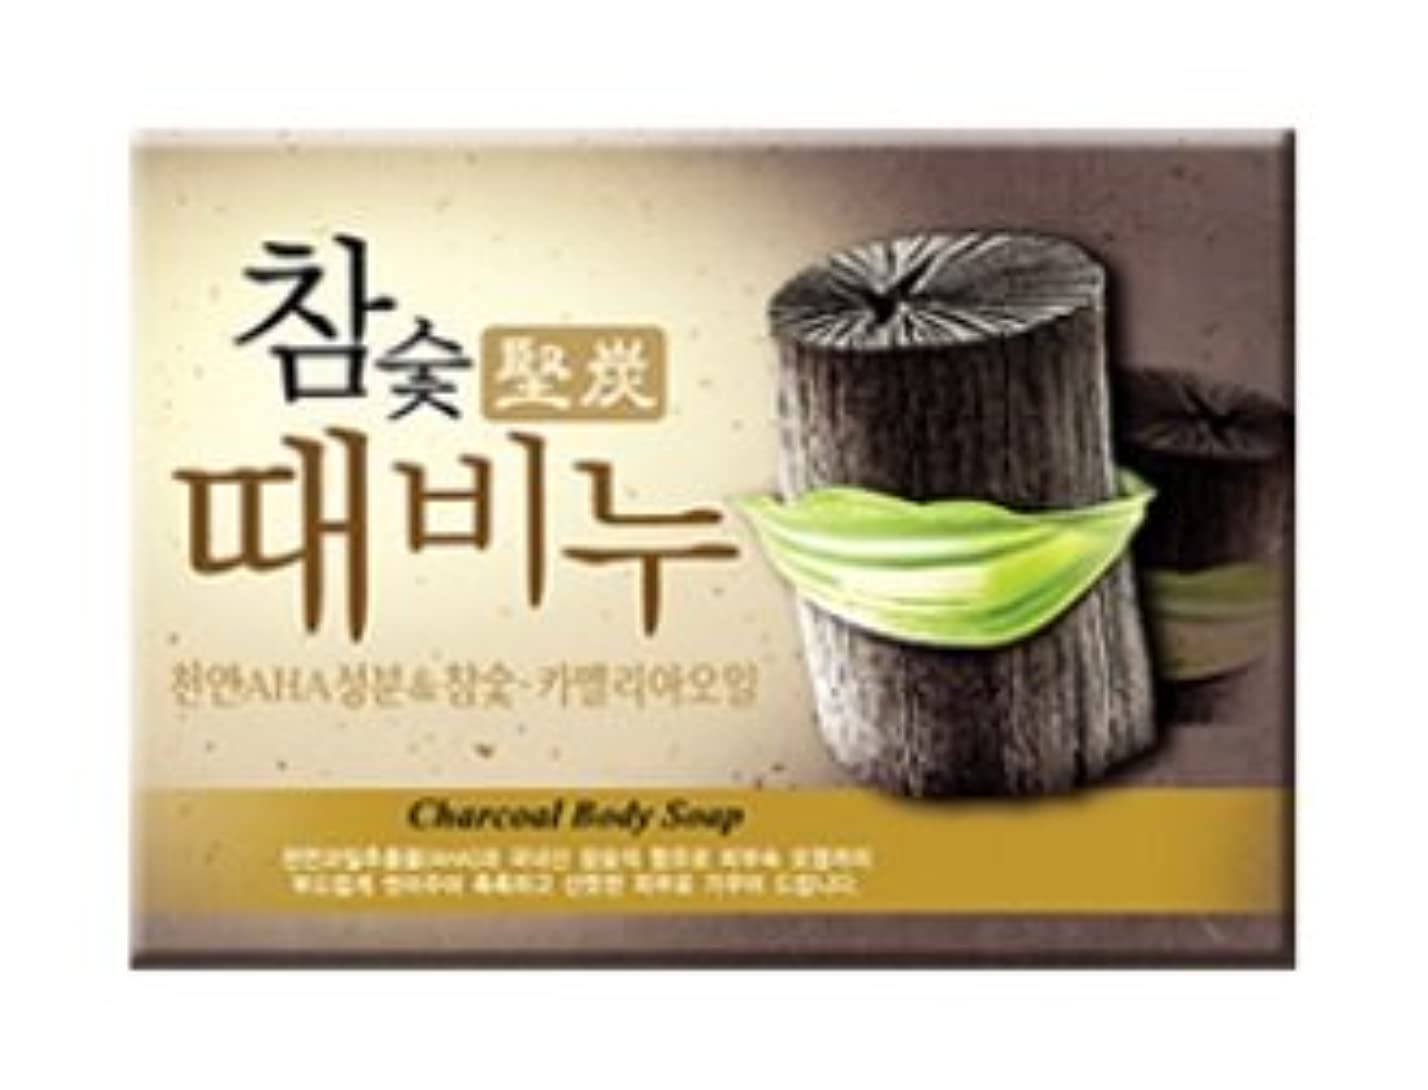 武装解除ブローびっくり堅炭ソープ 100g / Charcoal Body Soap [並行輸入品]